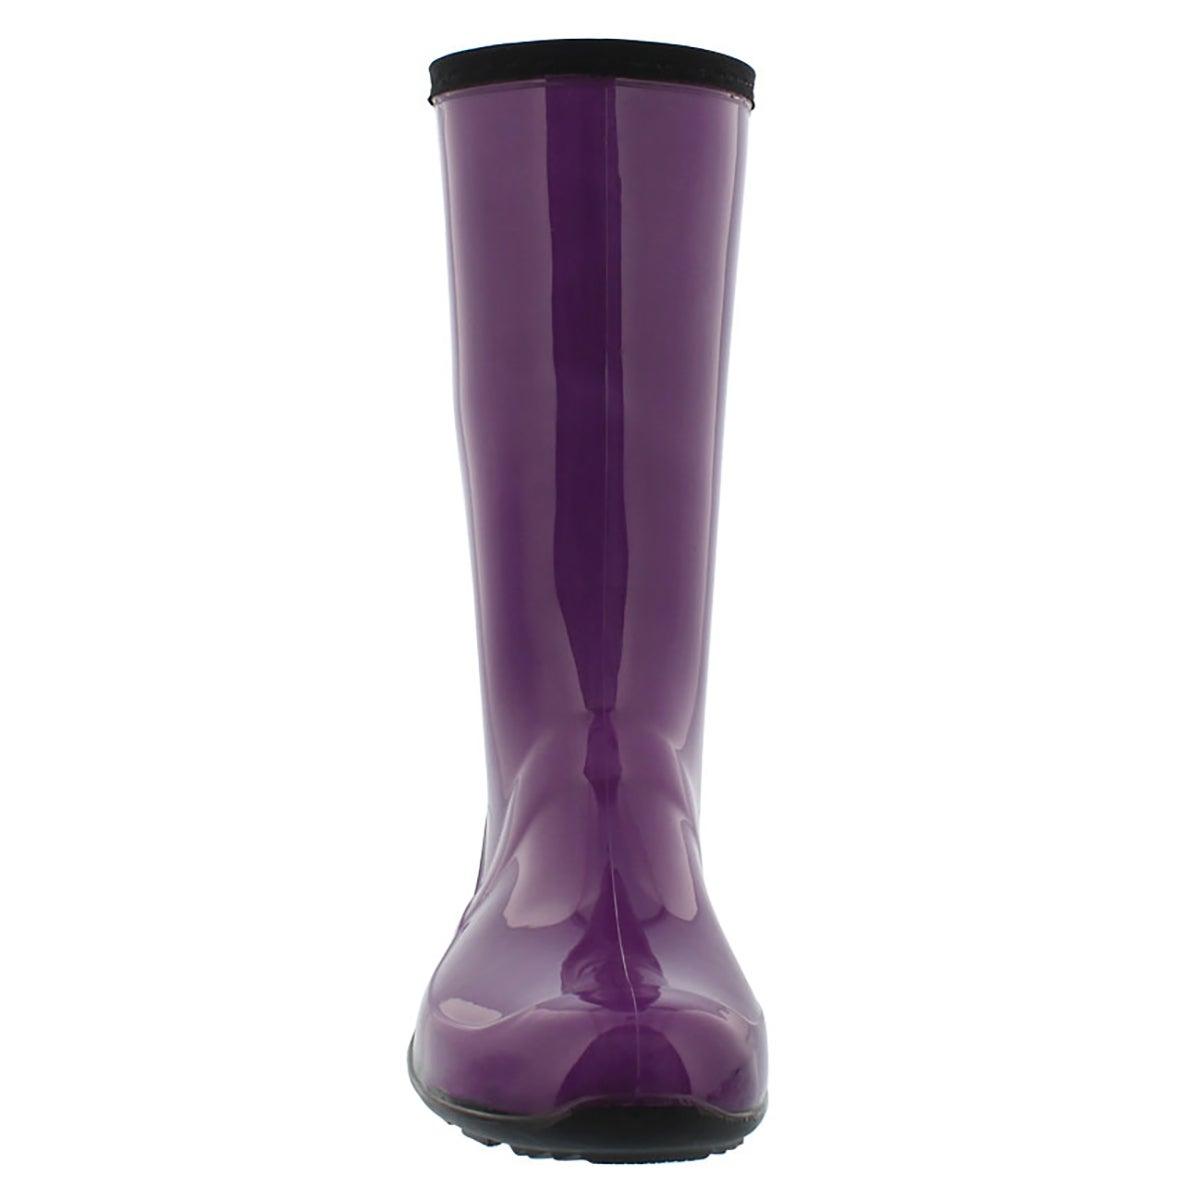 Lds Heidi dewberry mid wtpf rain boot